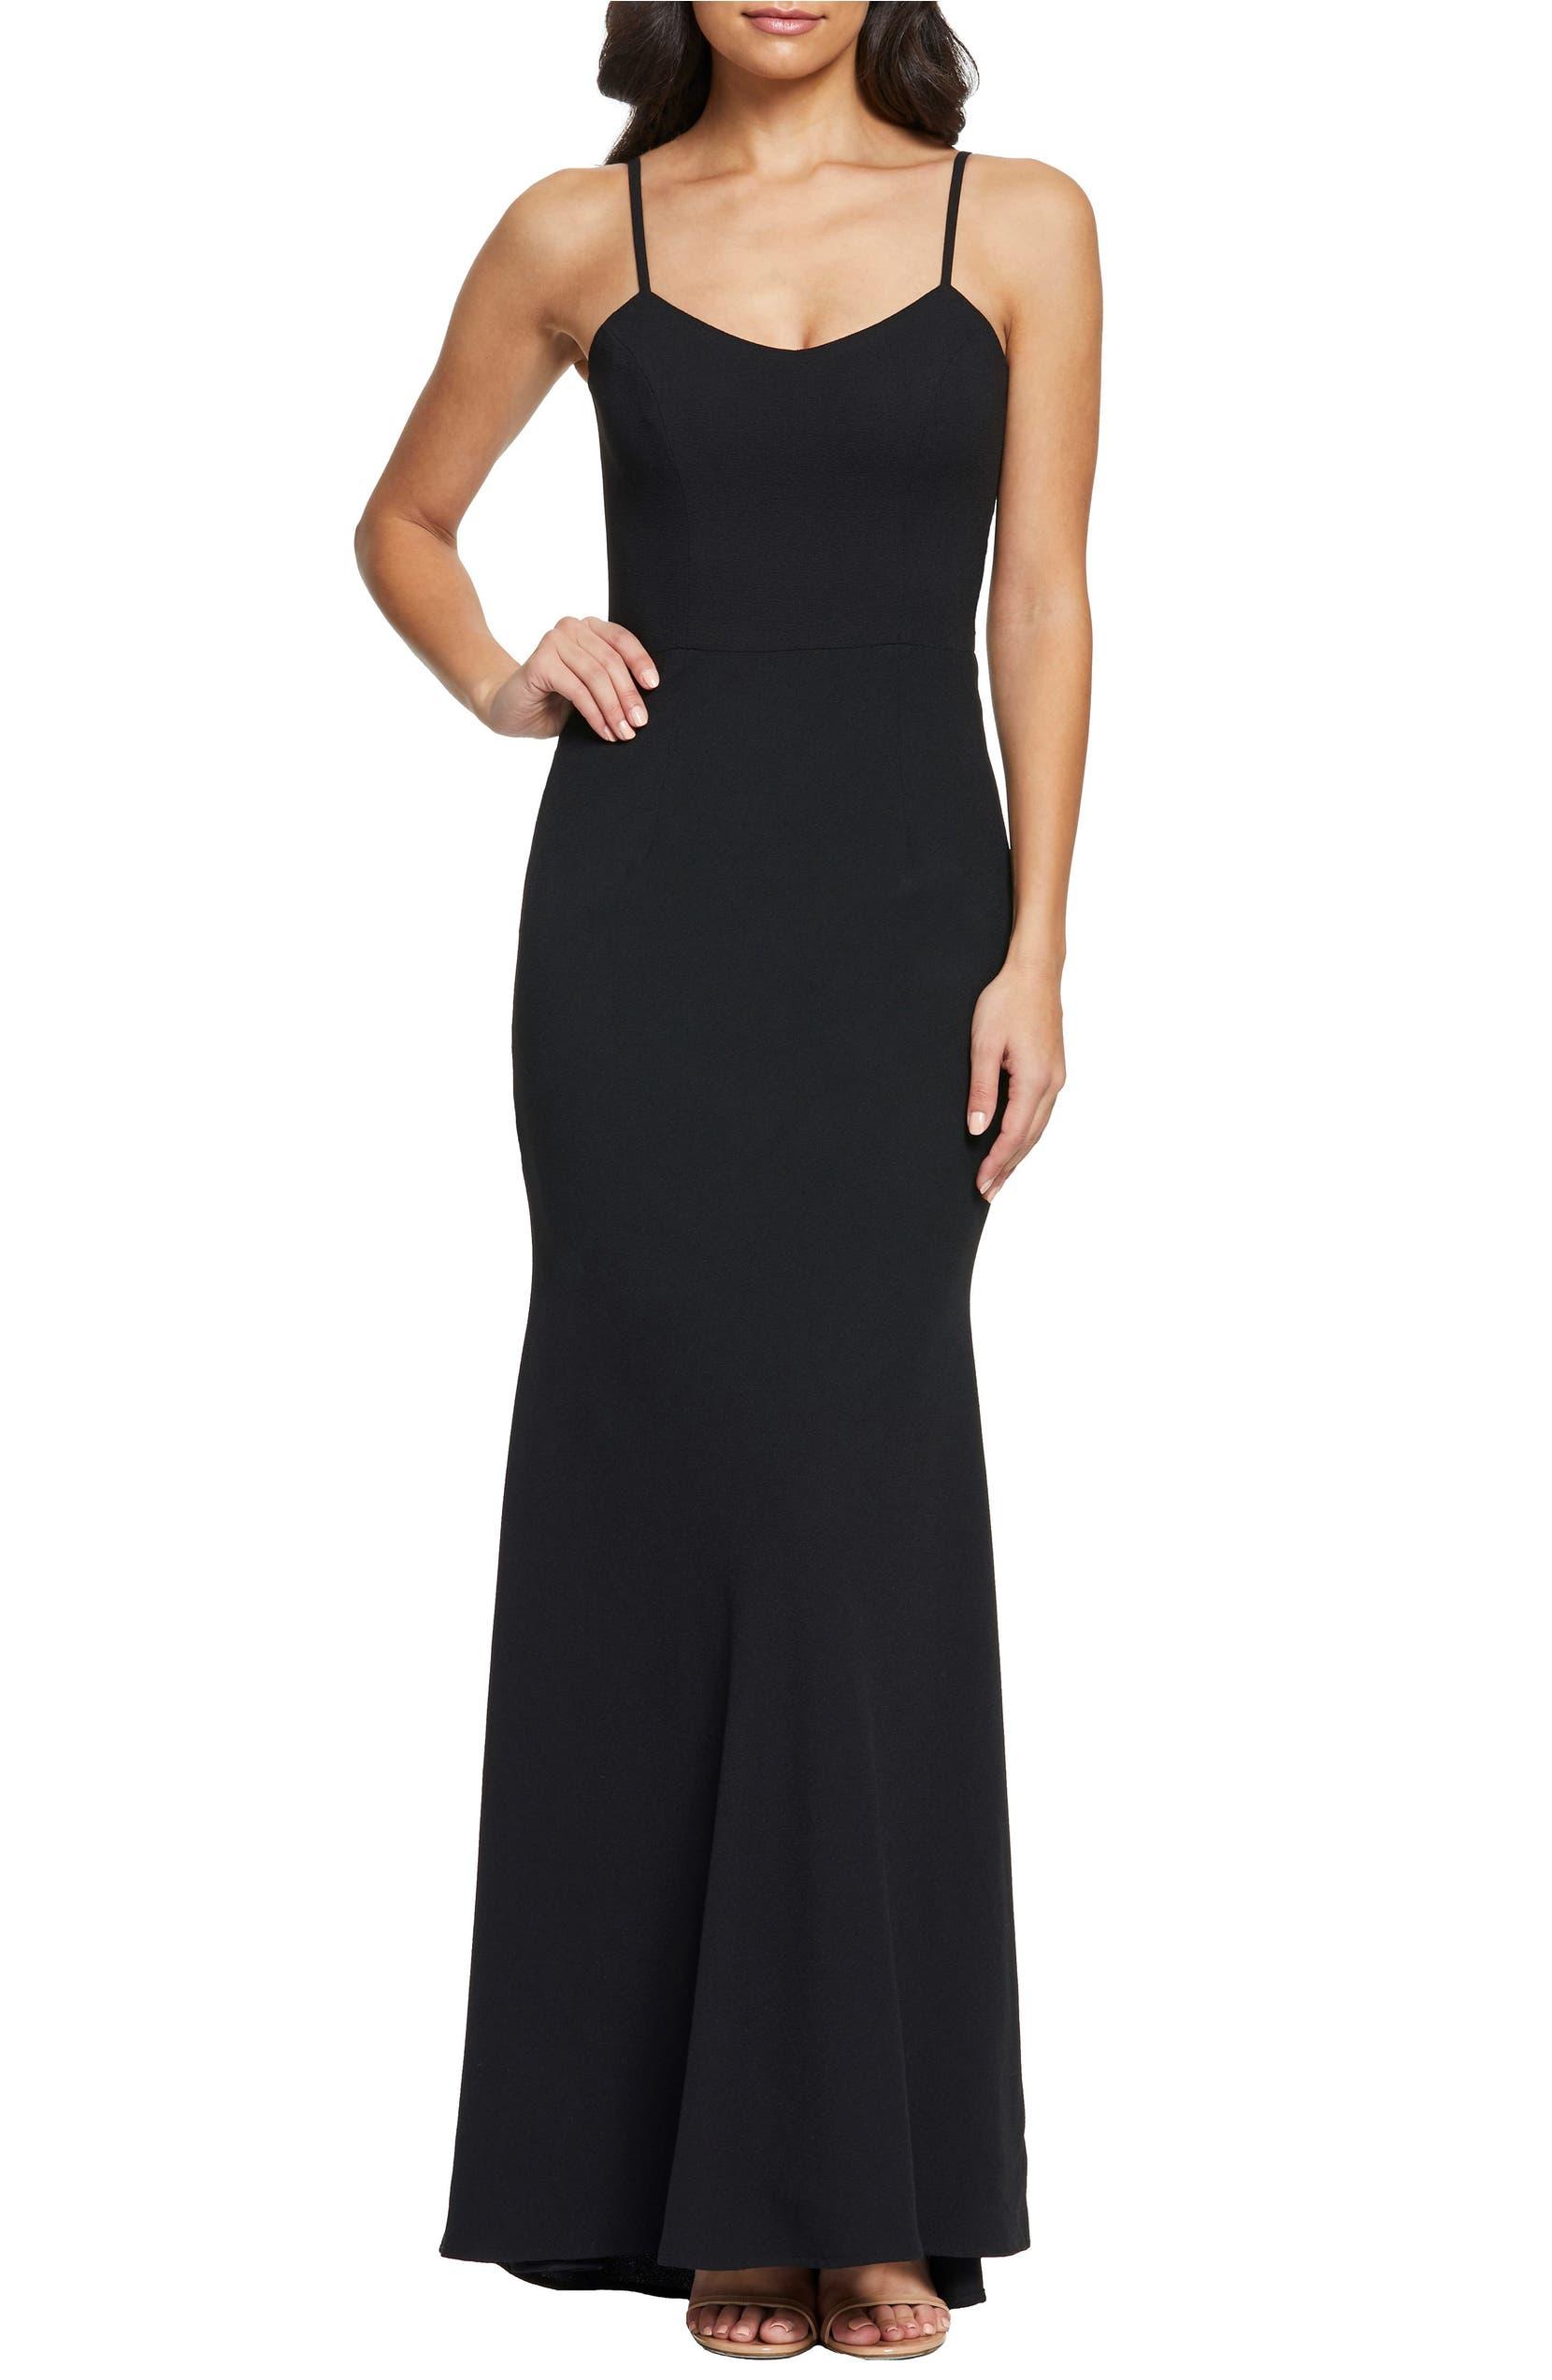 fdd255b2f4 Jodi Crepe Evening Dress